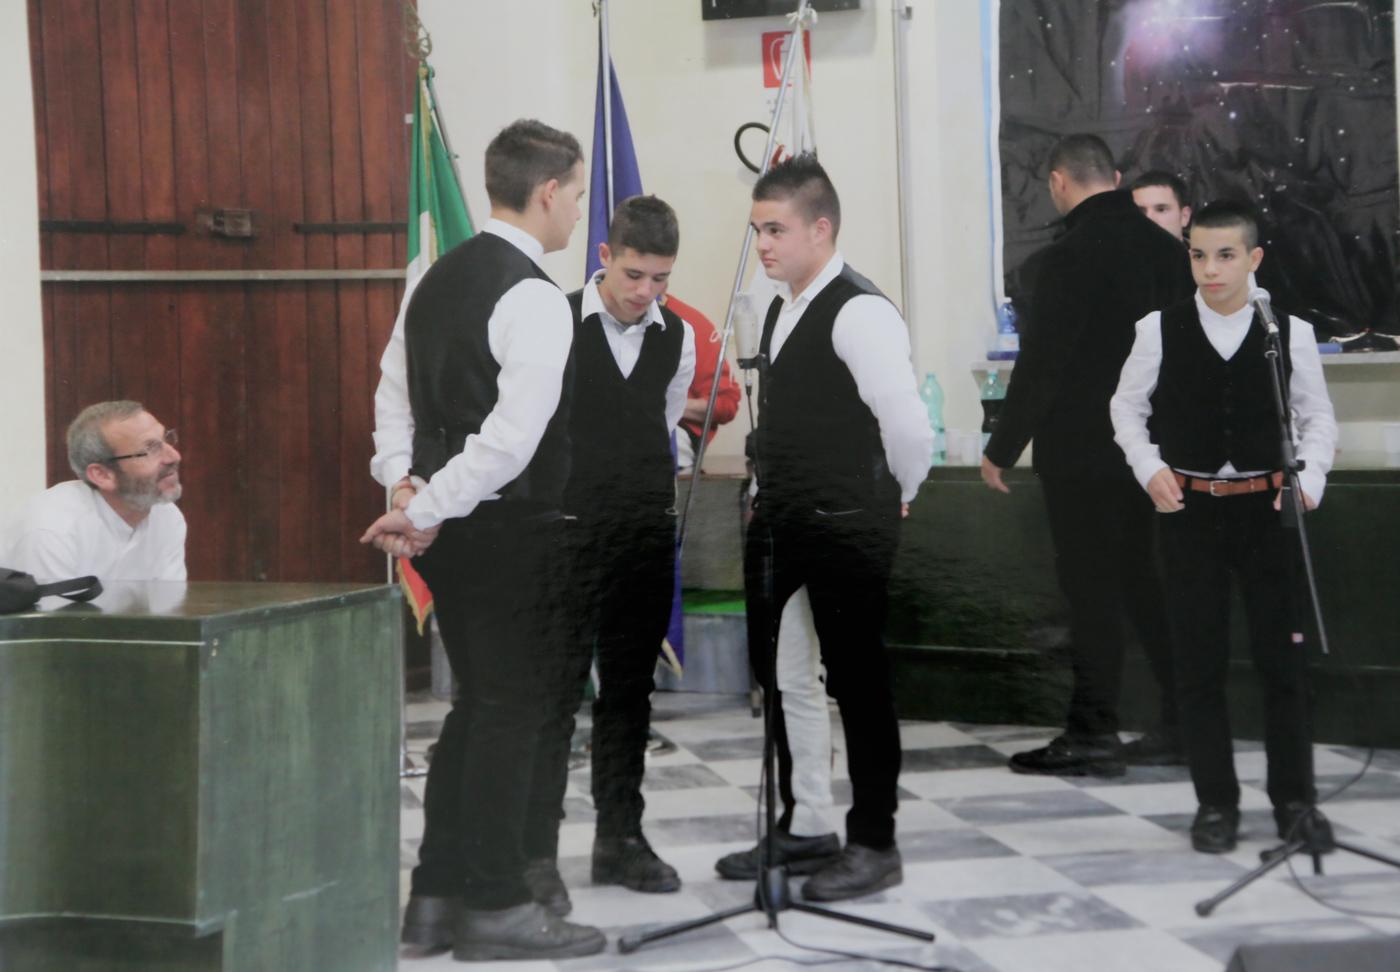 tenores ogliastra giovani atobiu 2014